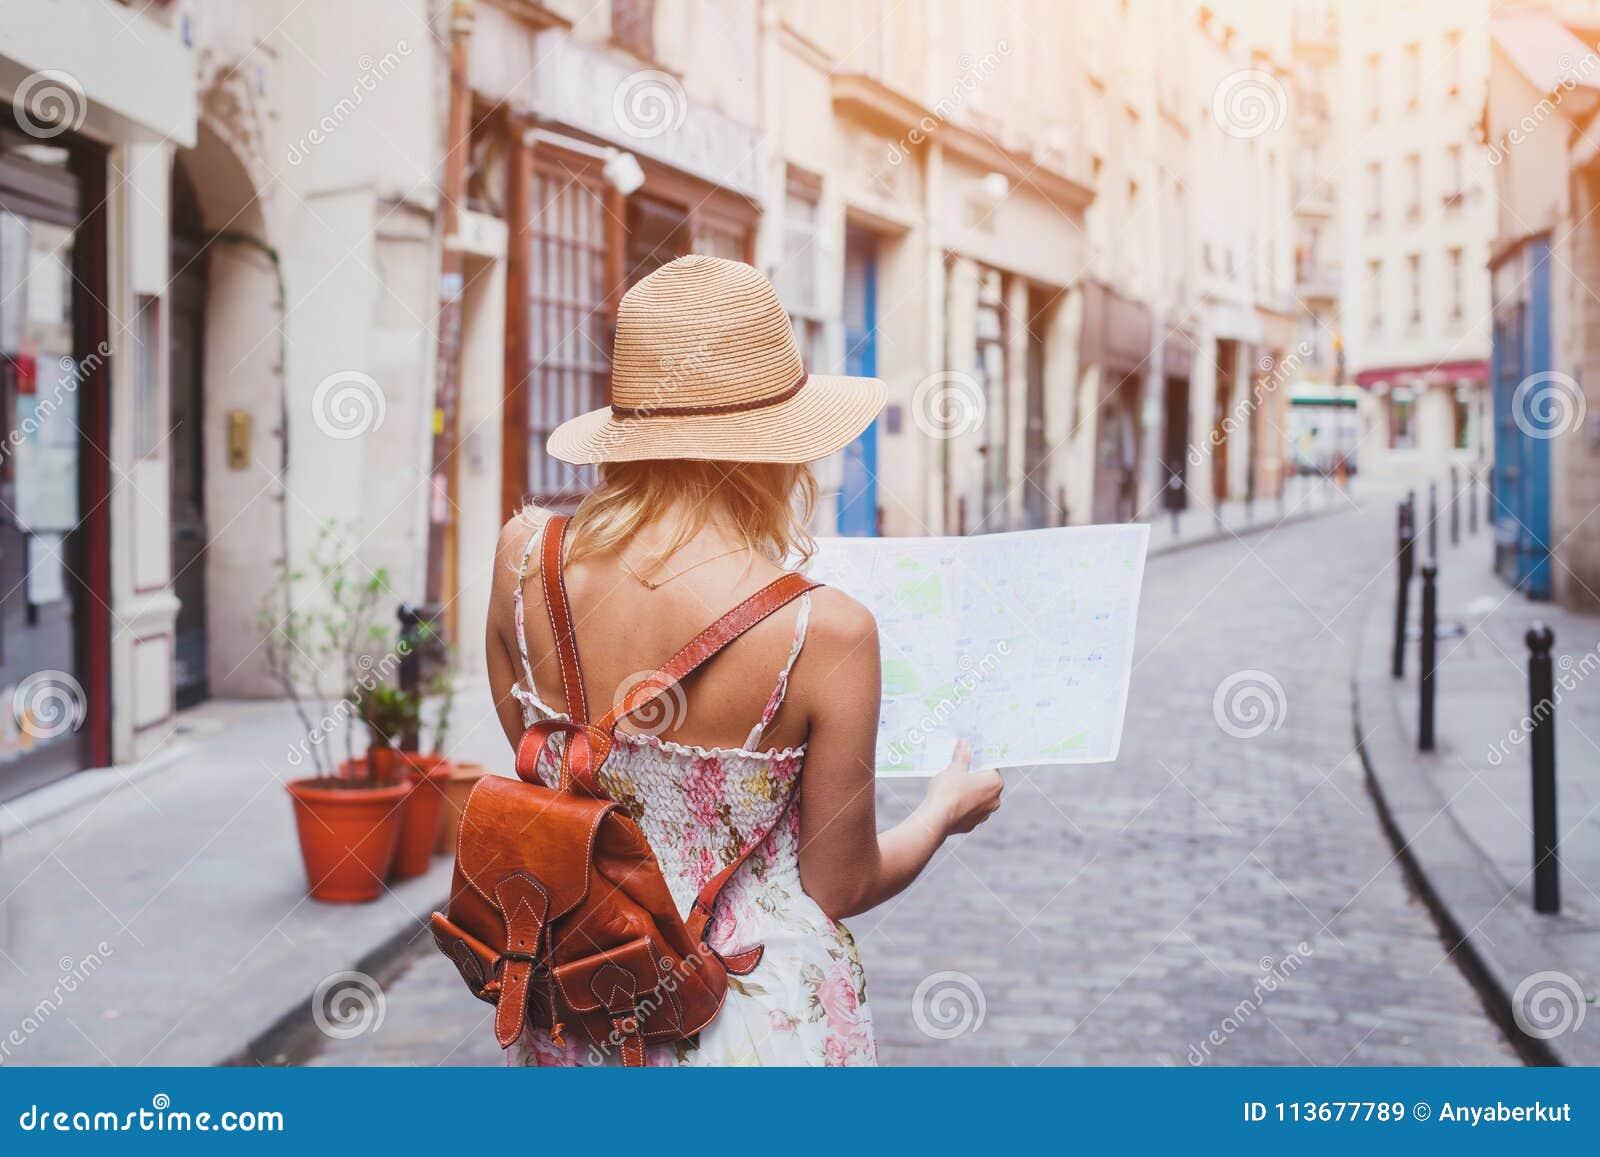 旅行指南,旅游业在欧洲,有地图的妇女游人